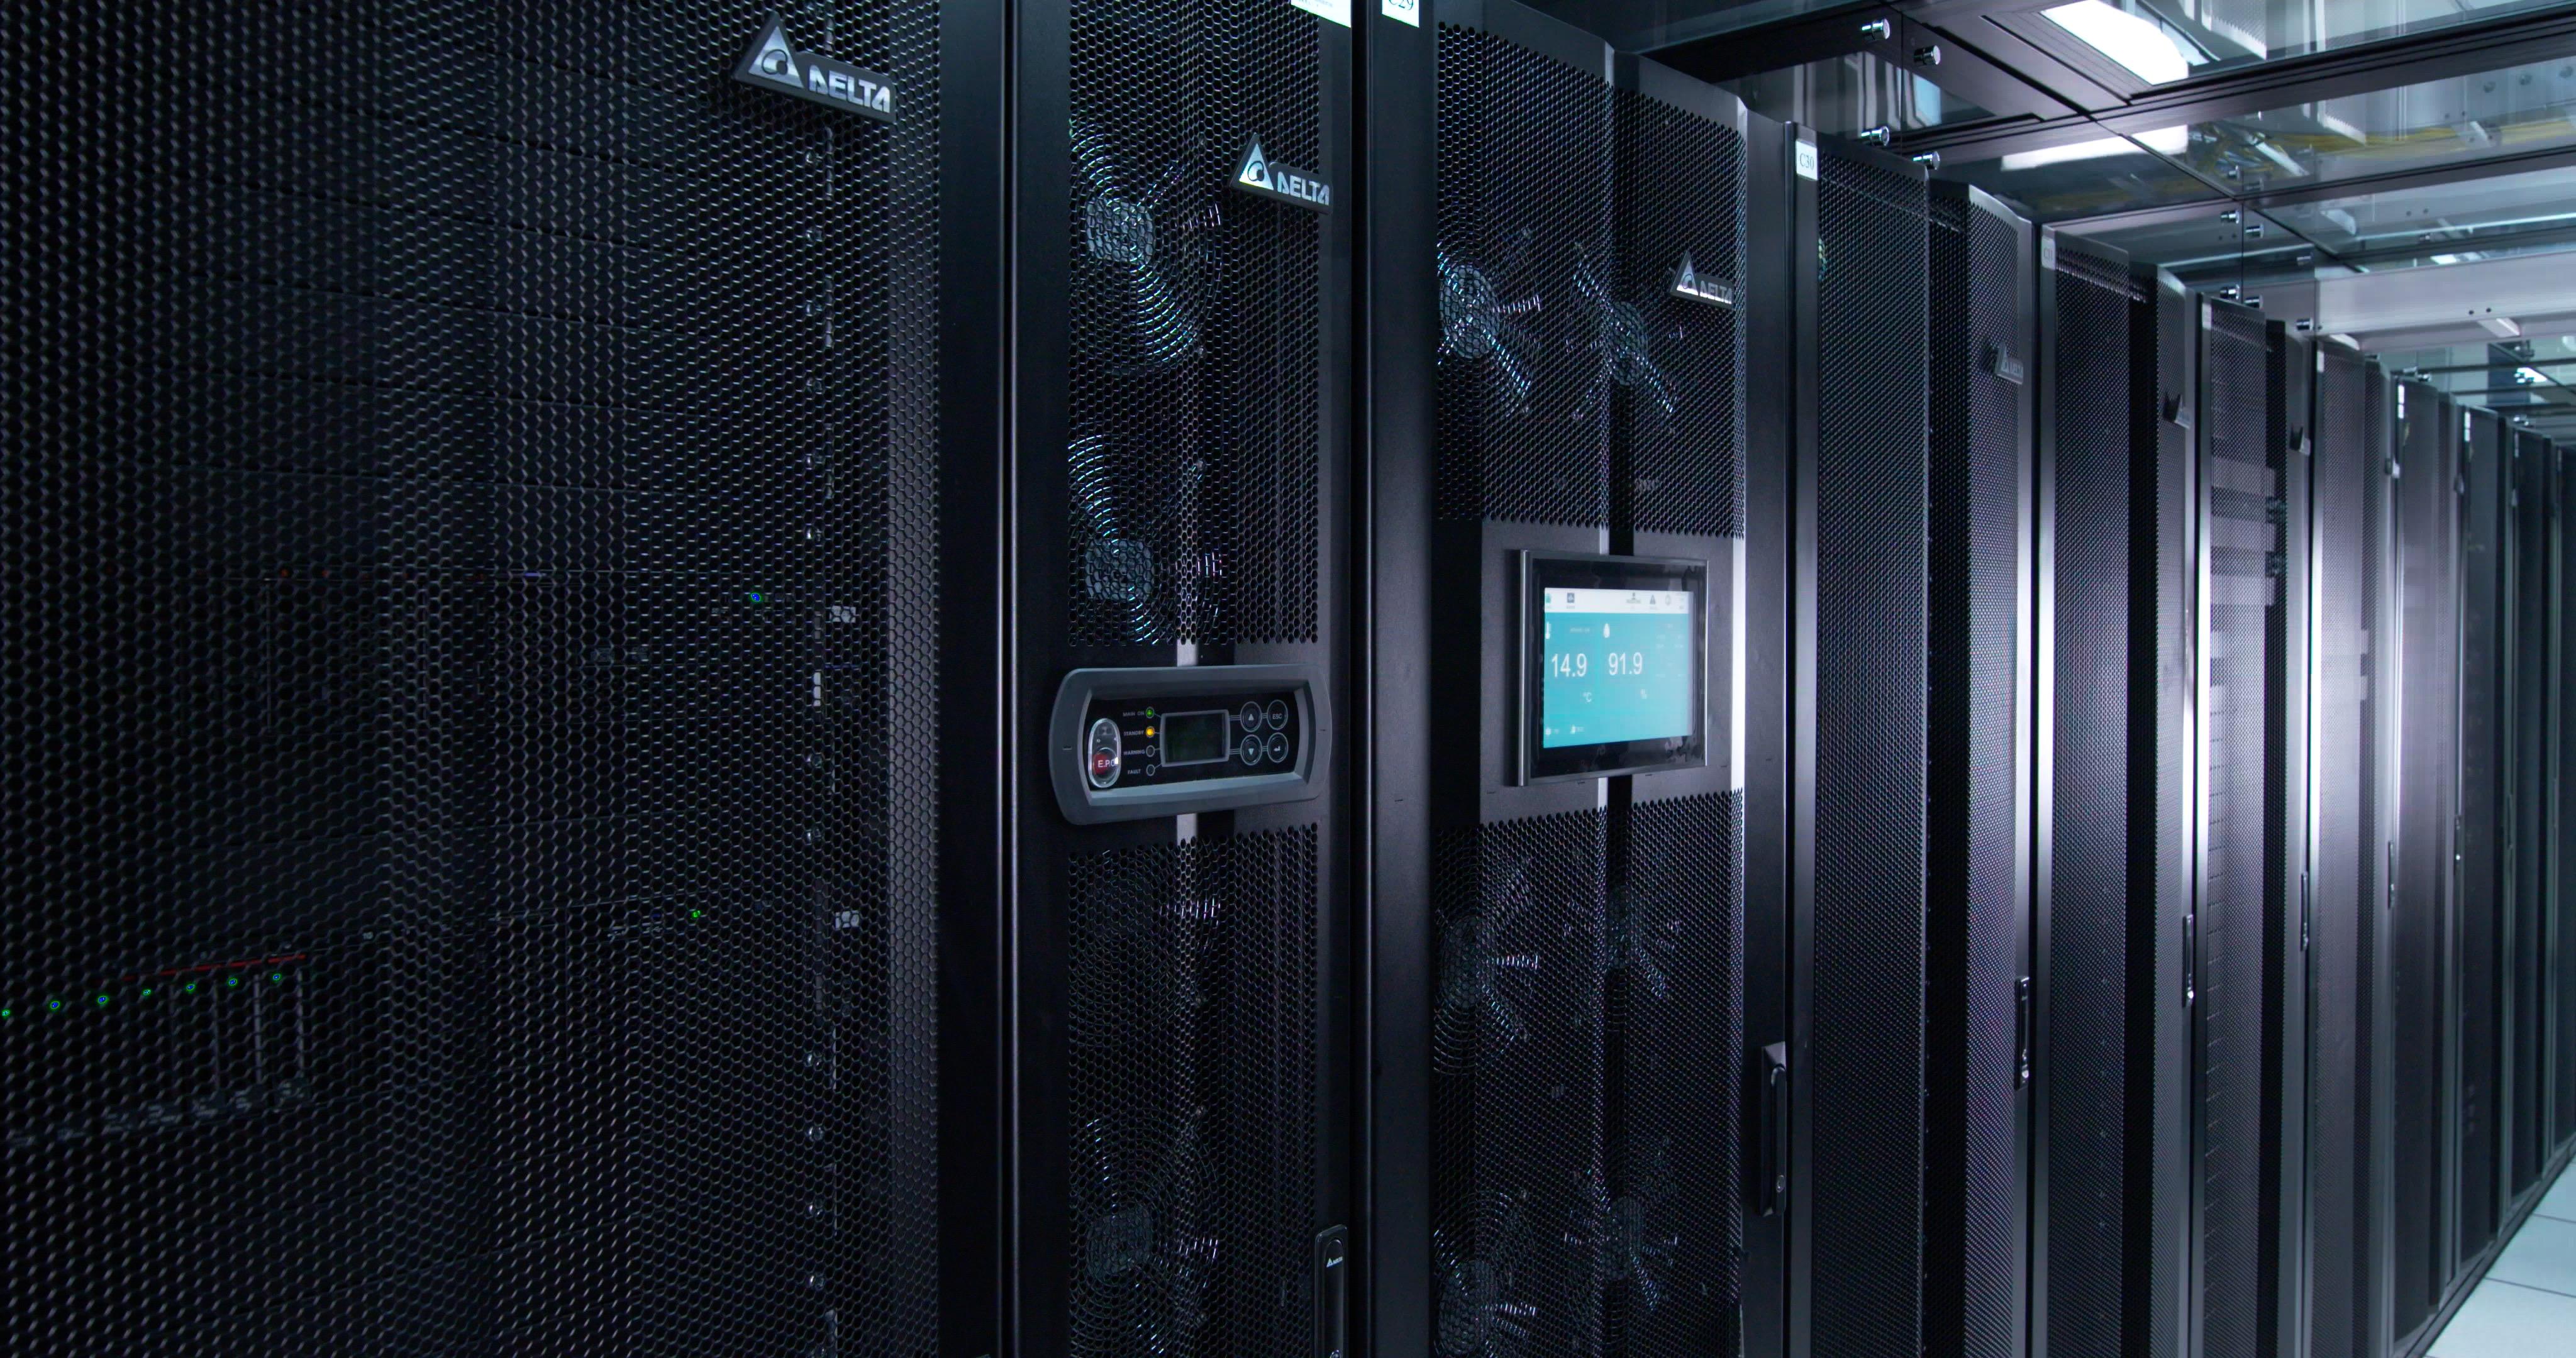 台塑集团采用台达模块化数据中心解决方案 打造高效节能的绿色数据中心